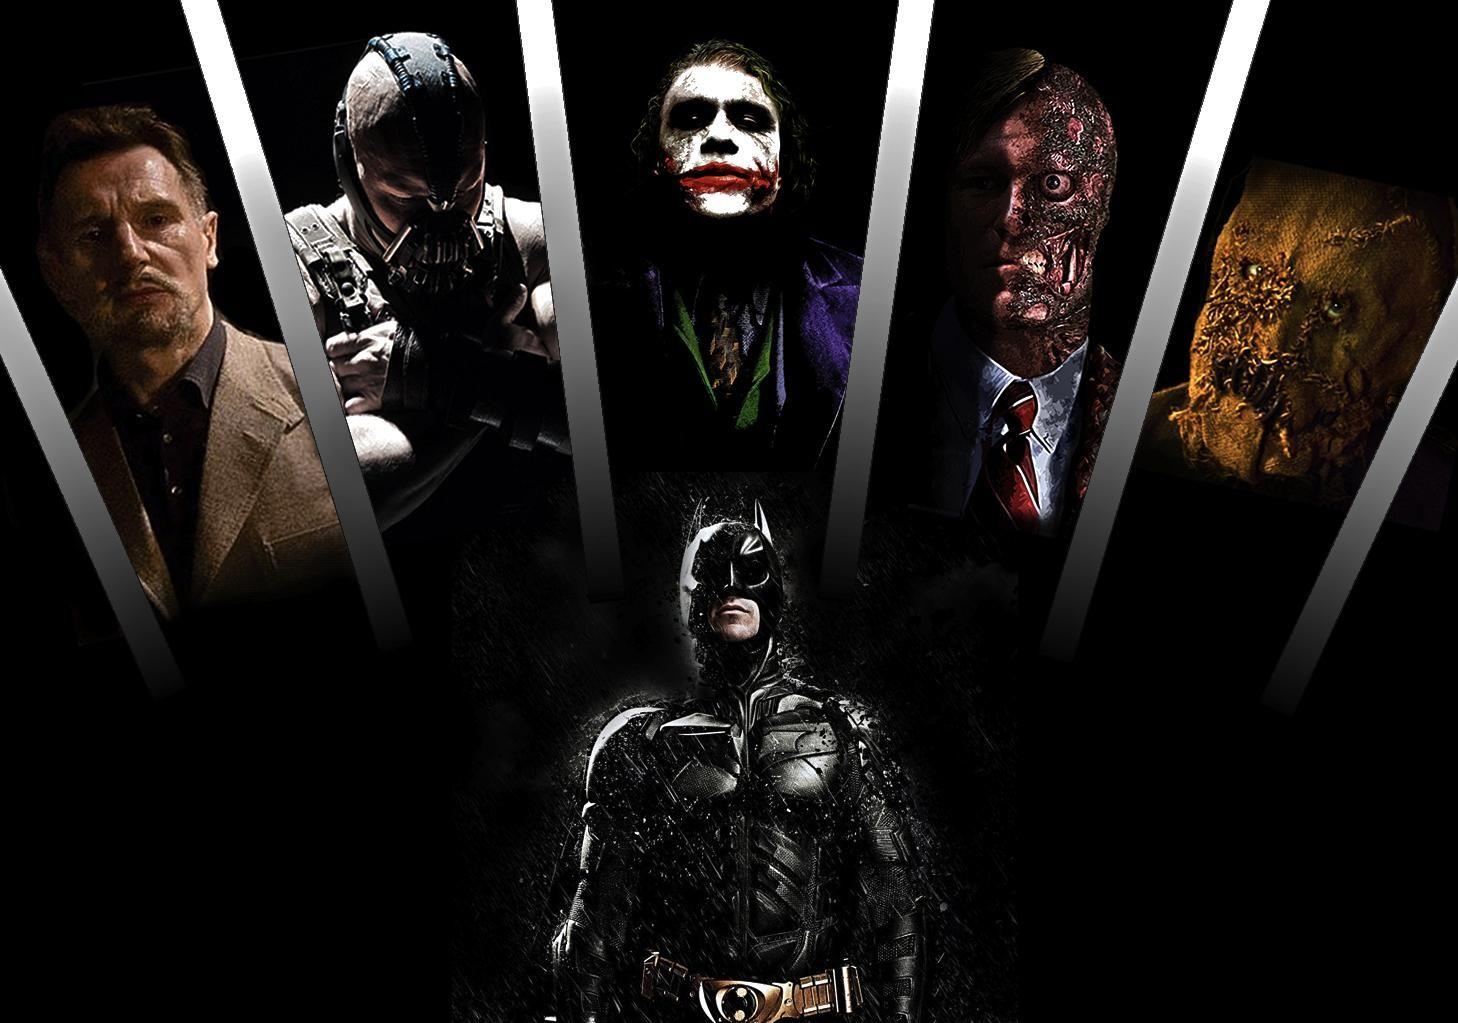 Batman Villains Joker Is The Best The Dark Knight Trilogy